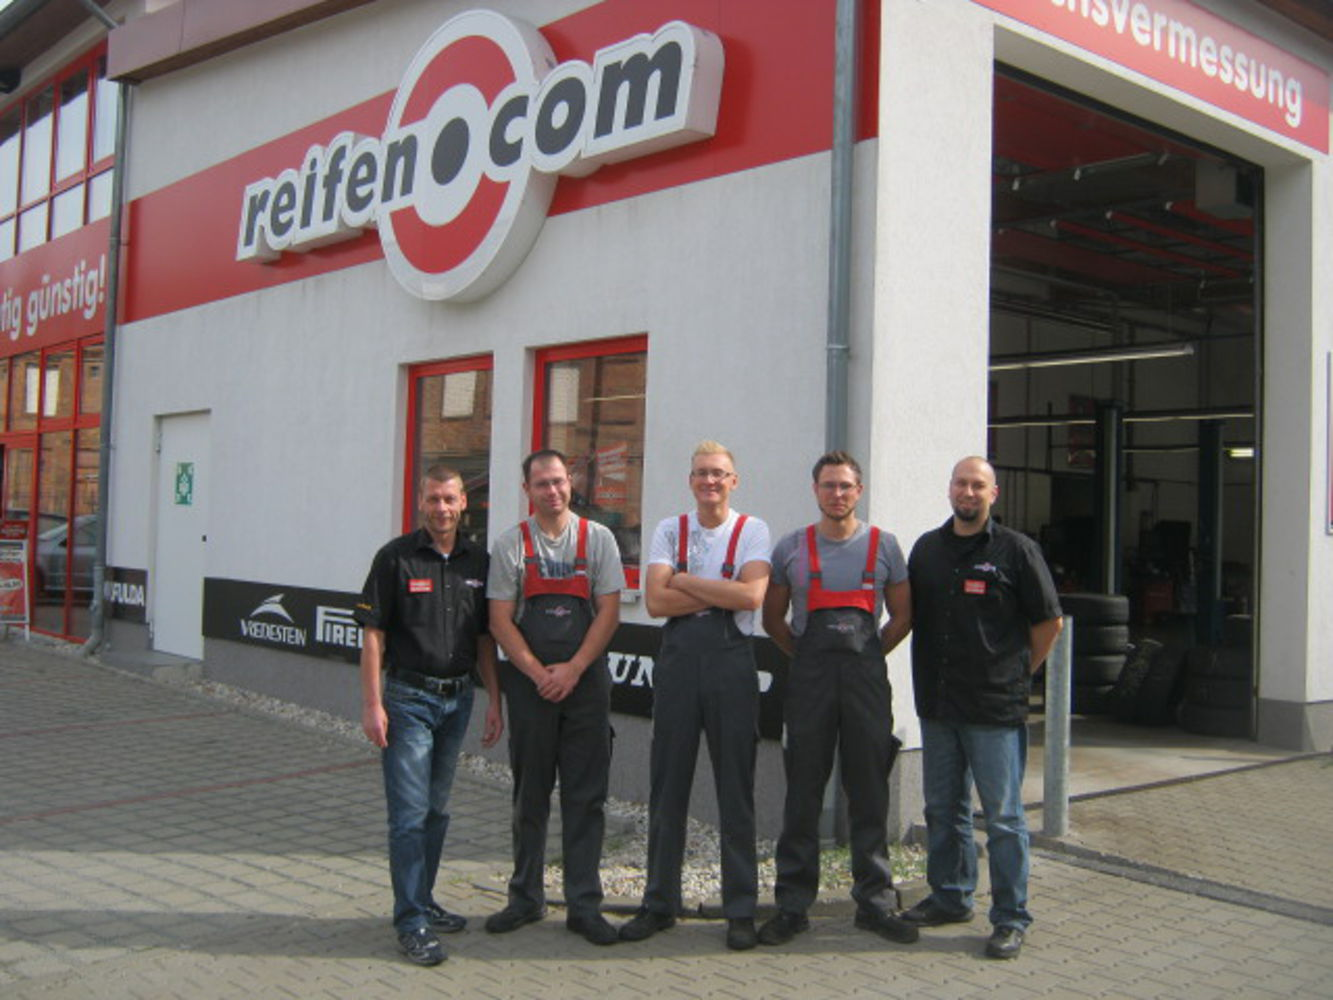 Our reifen.com-team in Berlin Weißensee